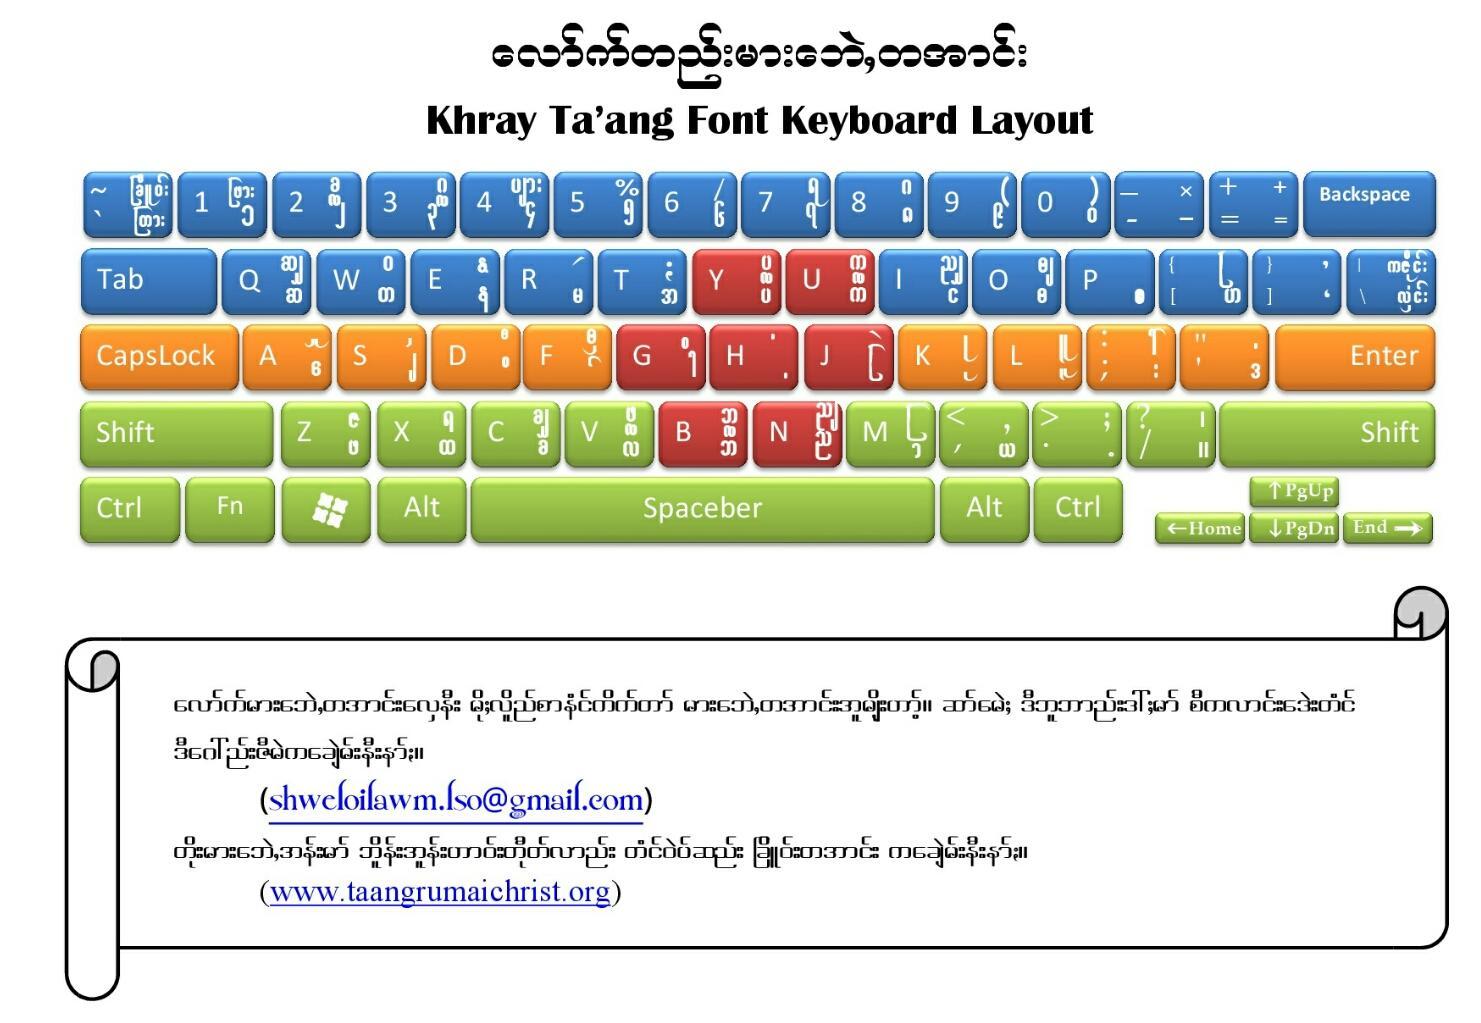 kht key layout.jpg